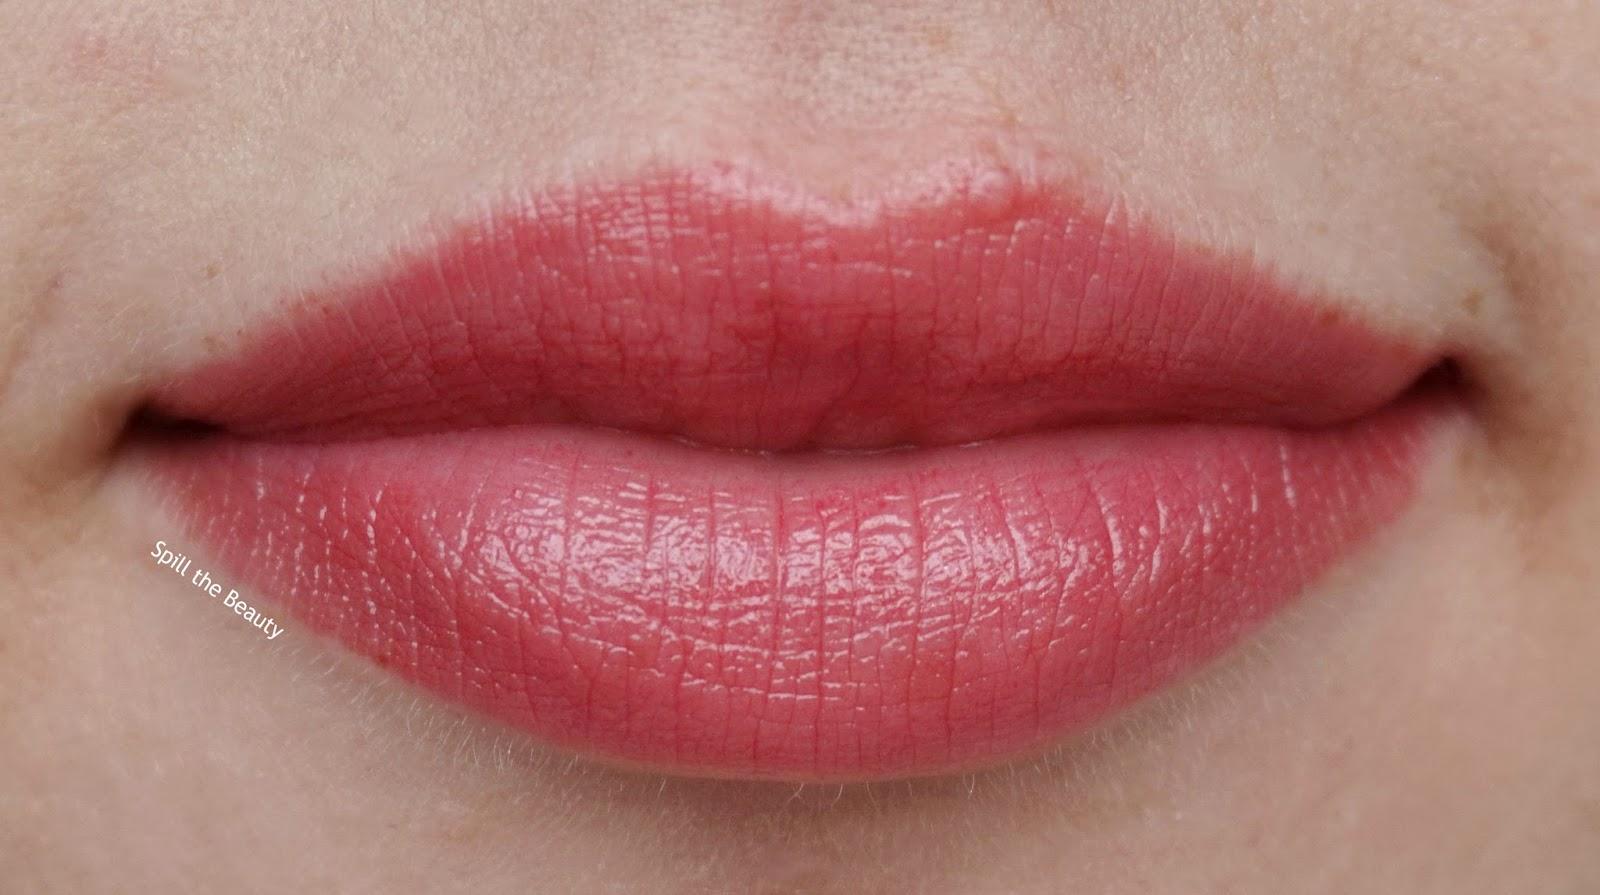 lip swatch - dior lip addict lipstick too much 951